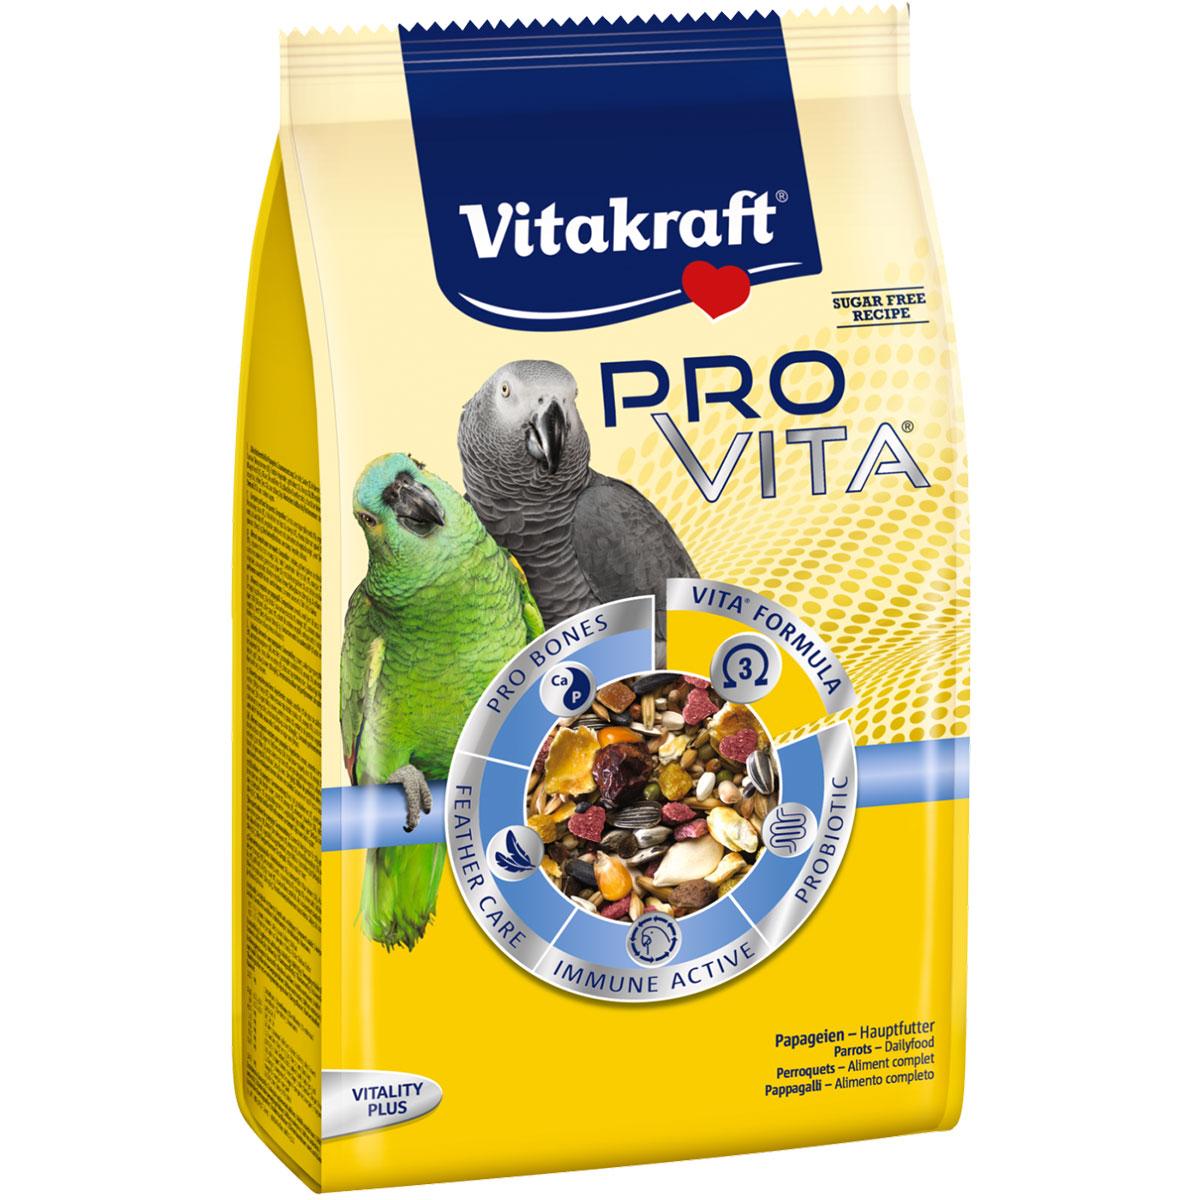 Vitakraft vogelfutter pro vita papagei g kaufen bei